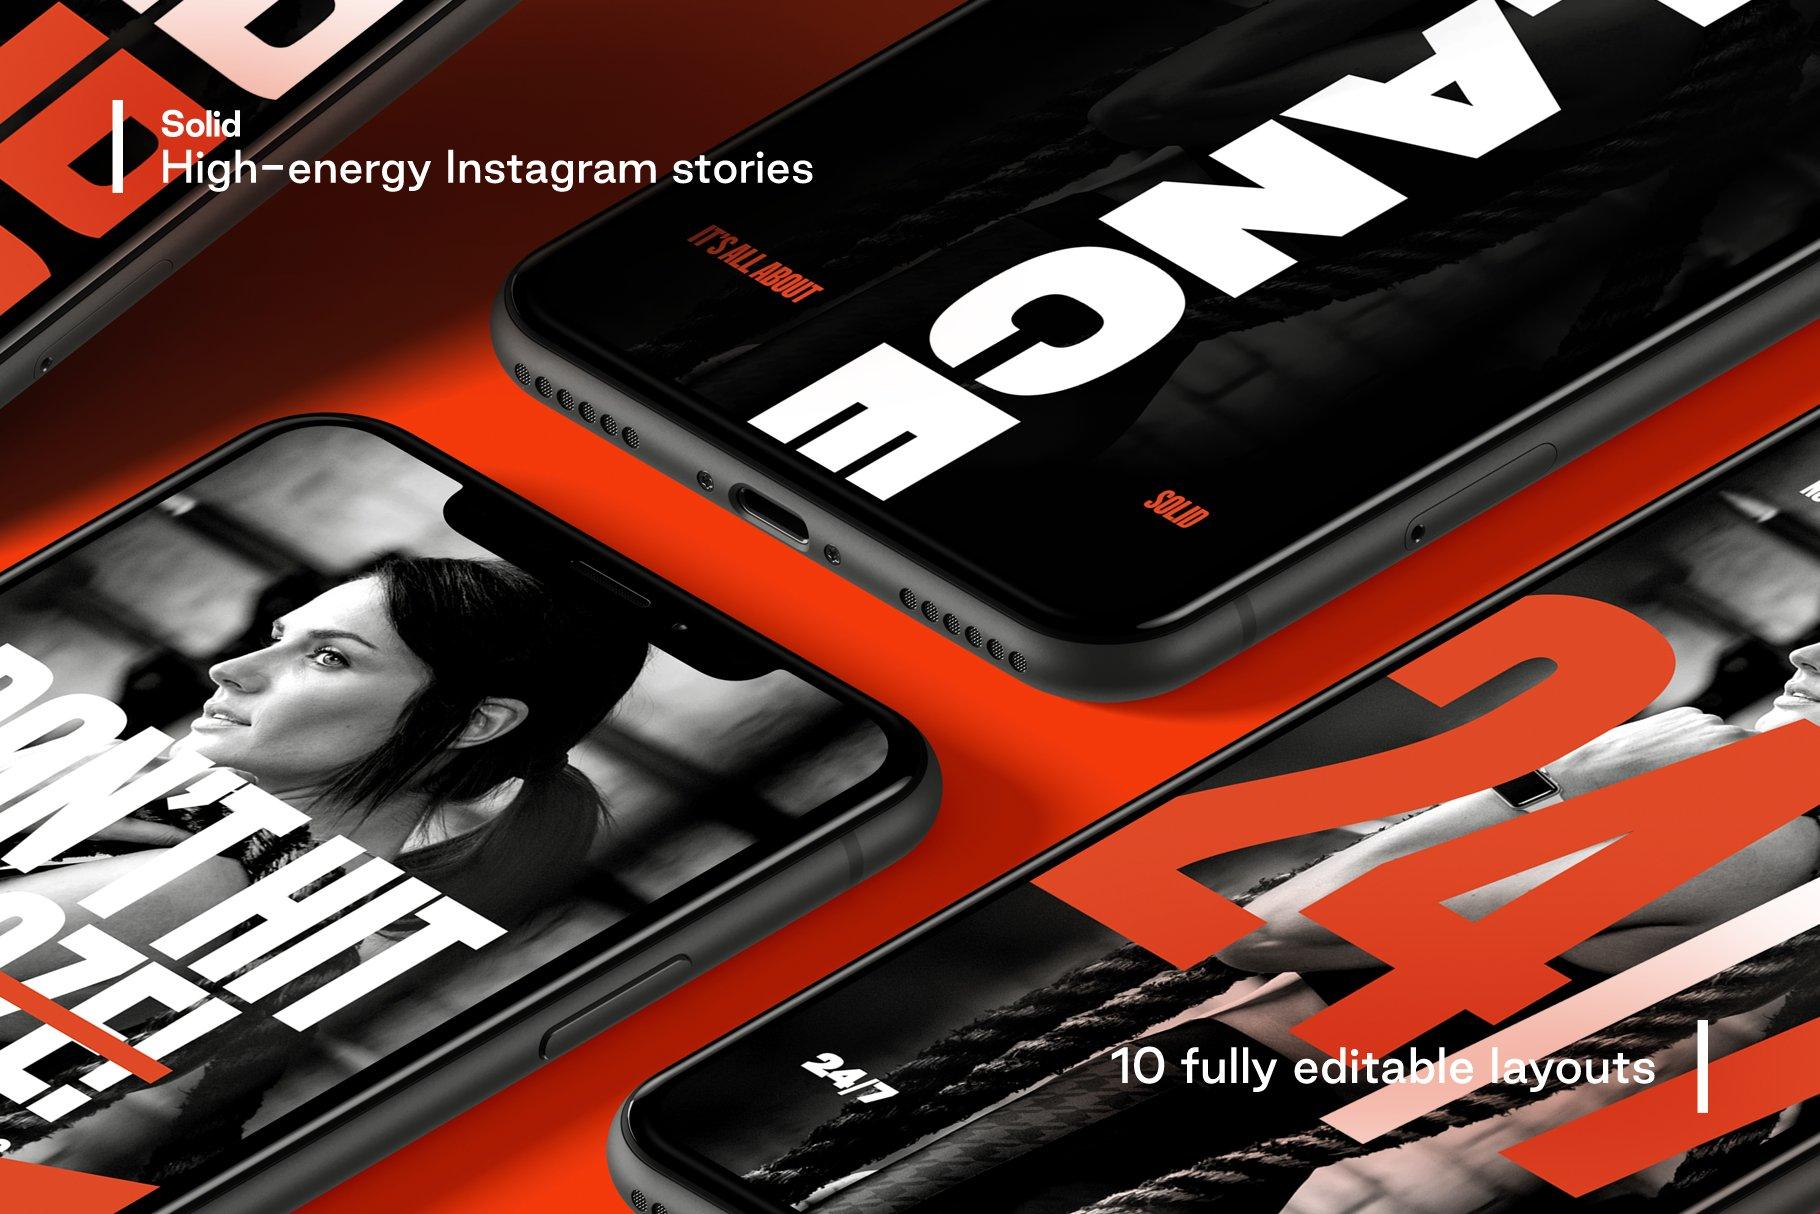 [单独购买] 现代时尚运动健身新媒体电商海报广告设计PS模板素材 Solid – Bold Instagram Stories插图1